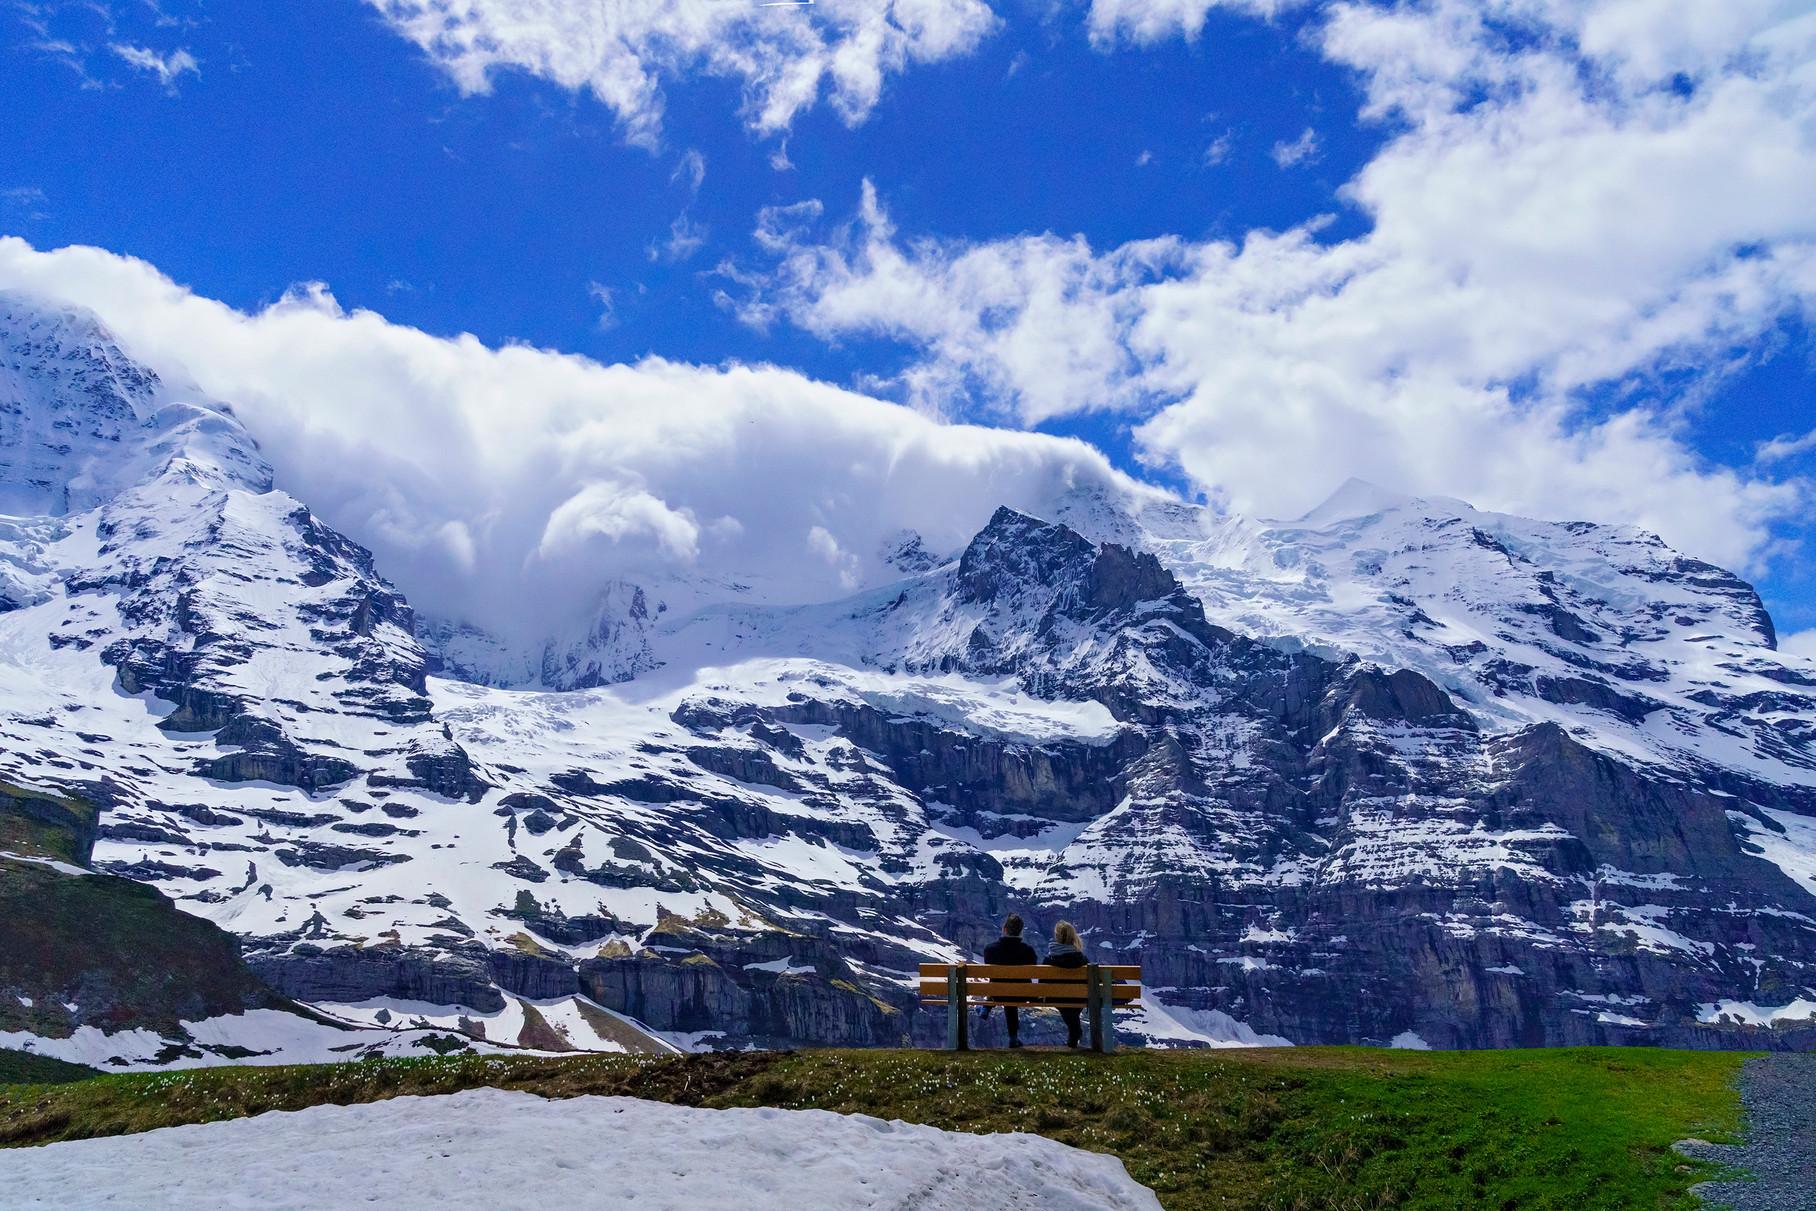 _VKS1060_Jungfraugh_11x14_300ppi.jpg